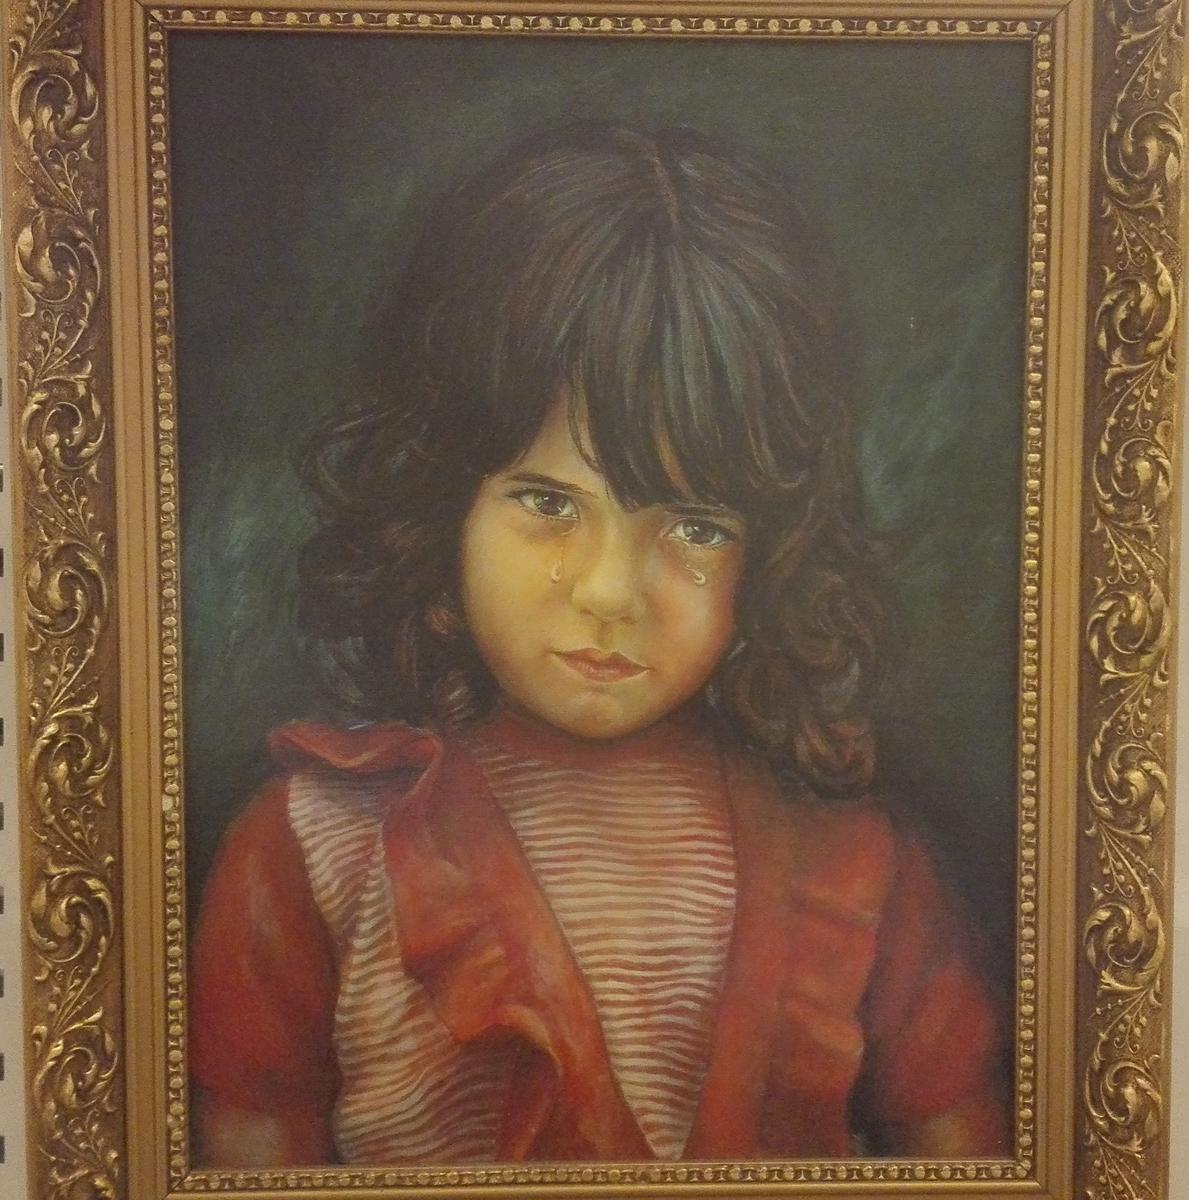 Barneportret  - Gråtande gut/gråtande jente